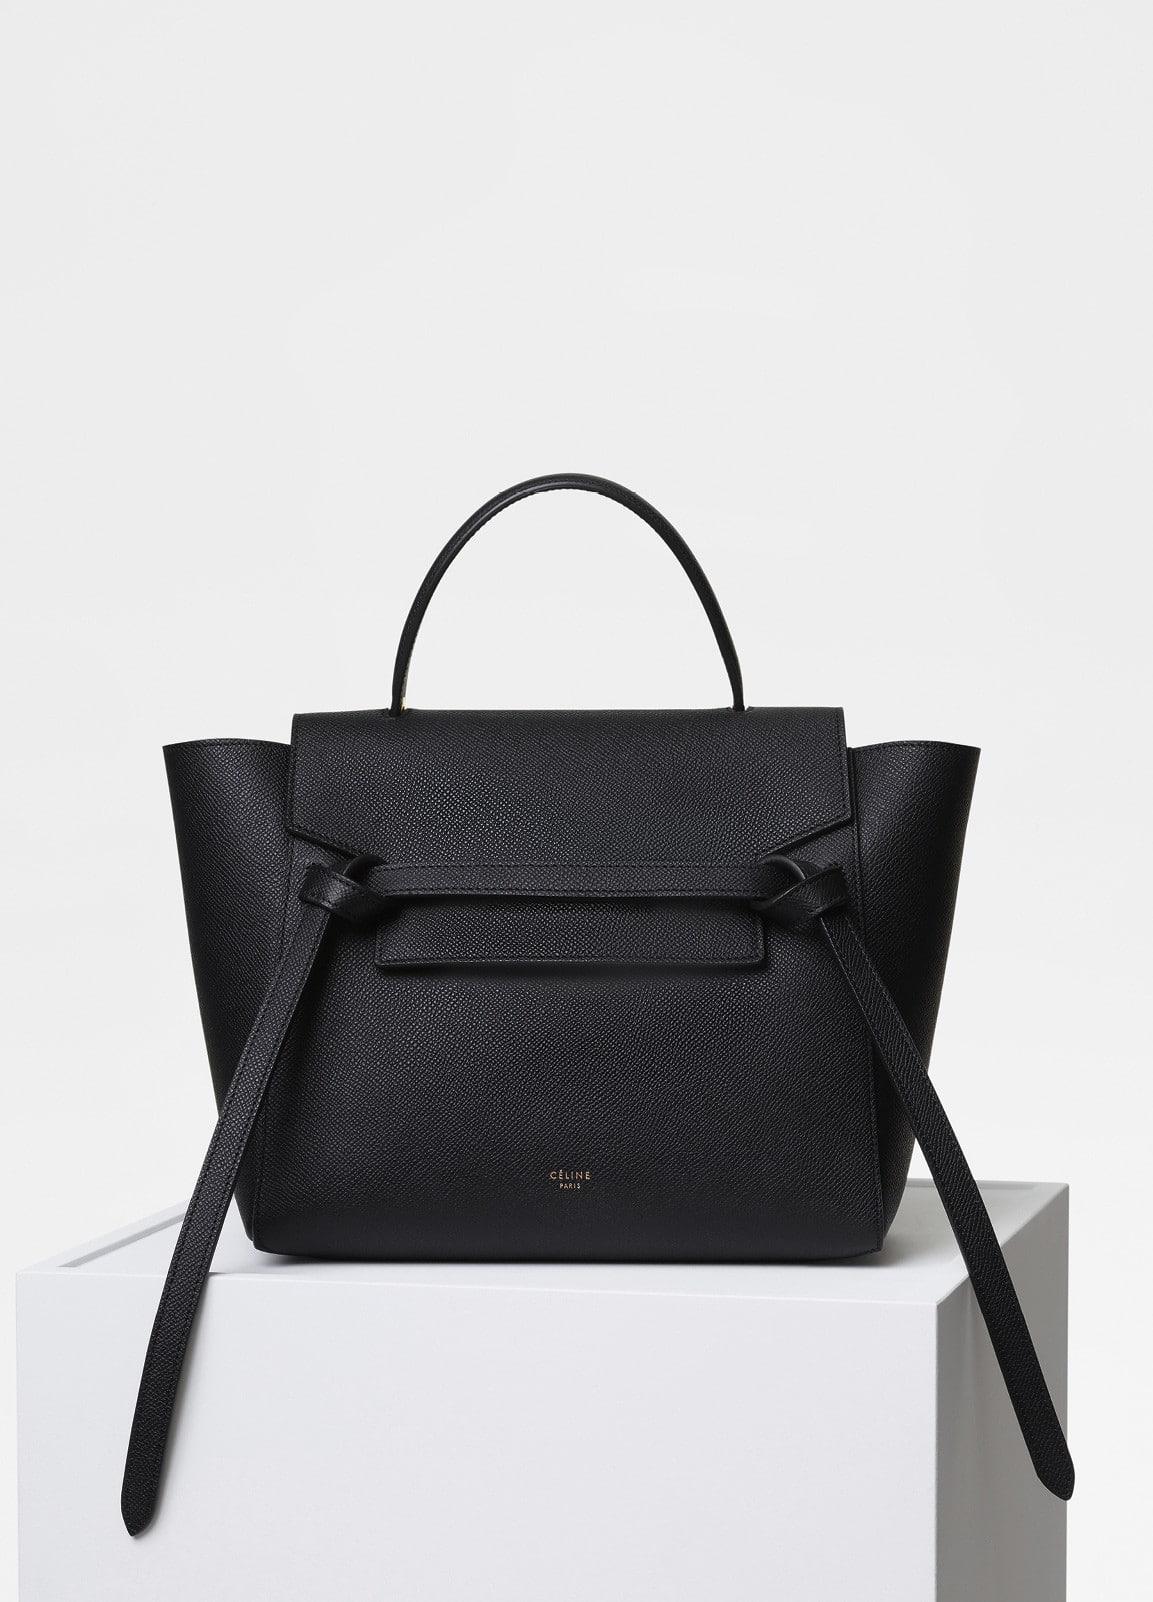 dd78a3b29 Céline Small Box Bag Calfskin Black | The Art of Mike Mignola